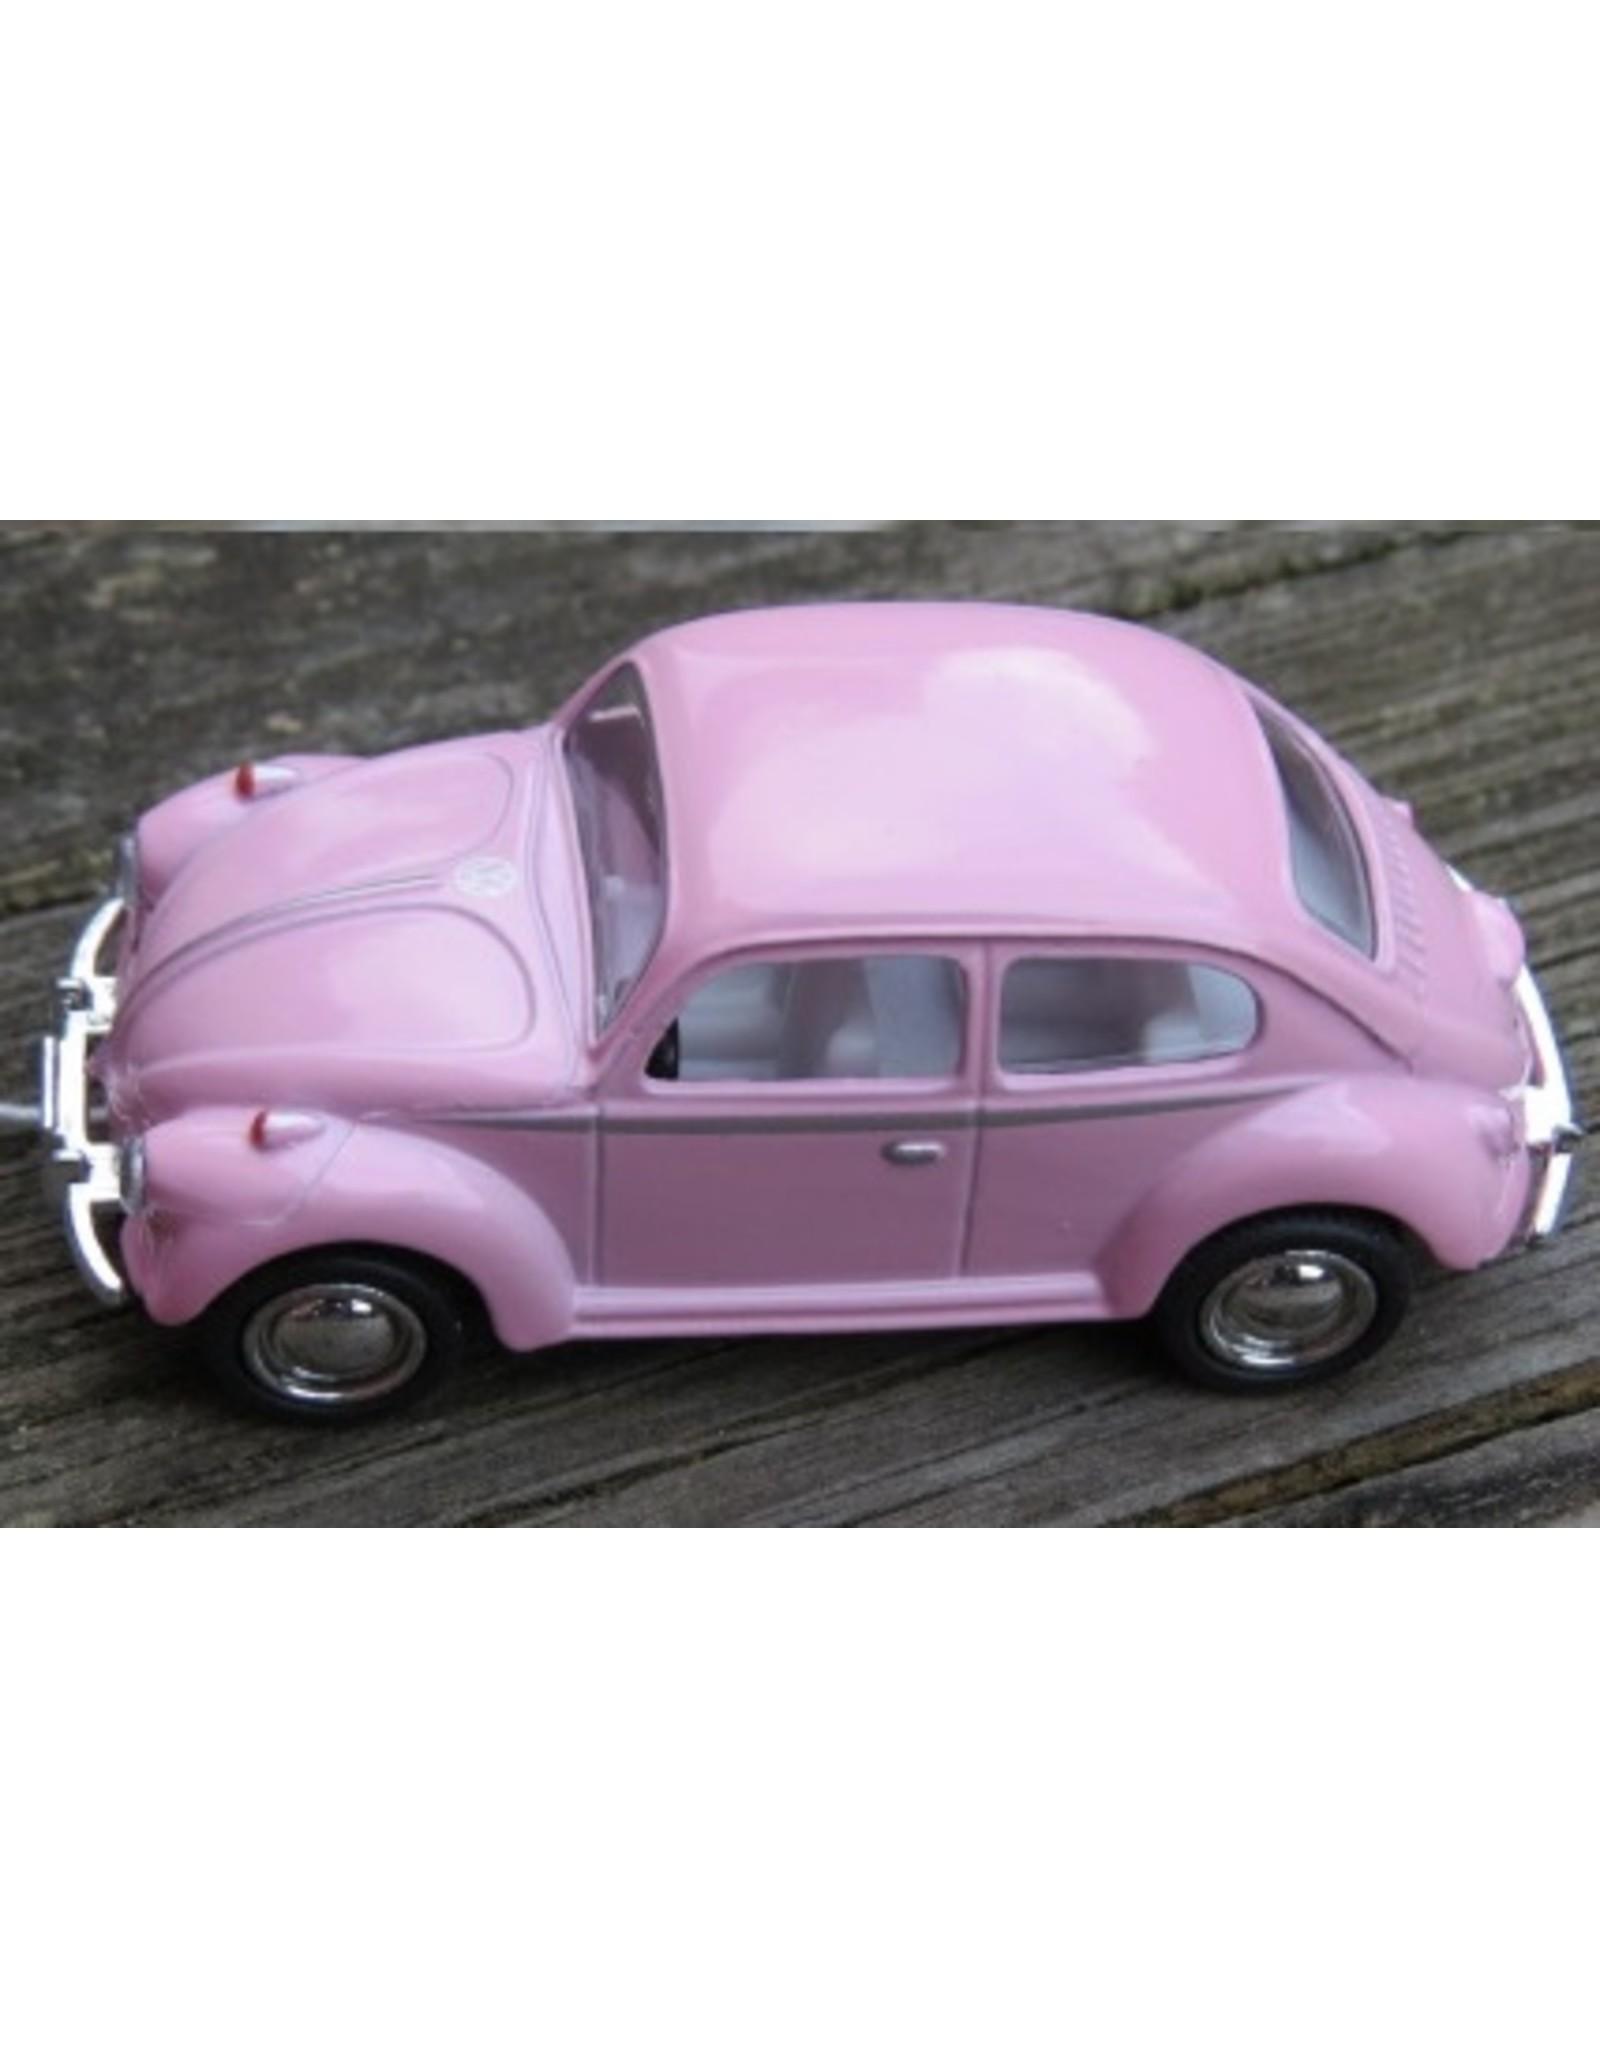 Volkswagen Kever (1:64) - roze